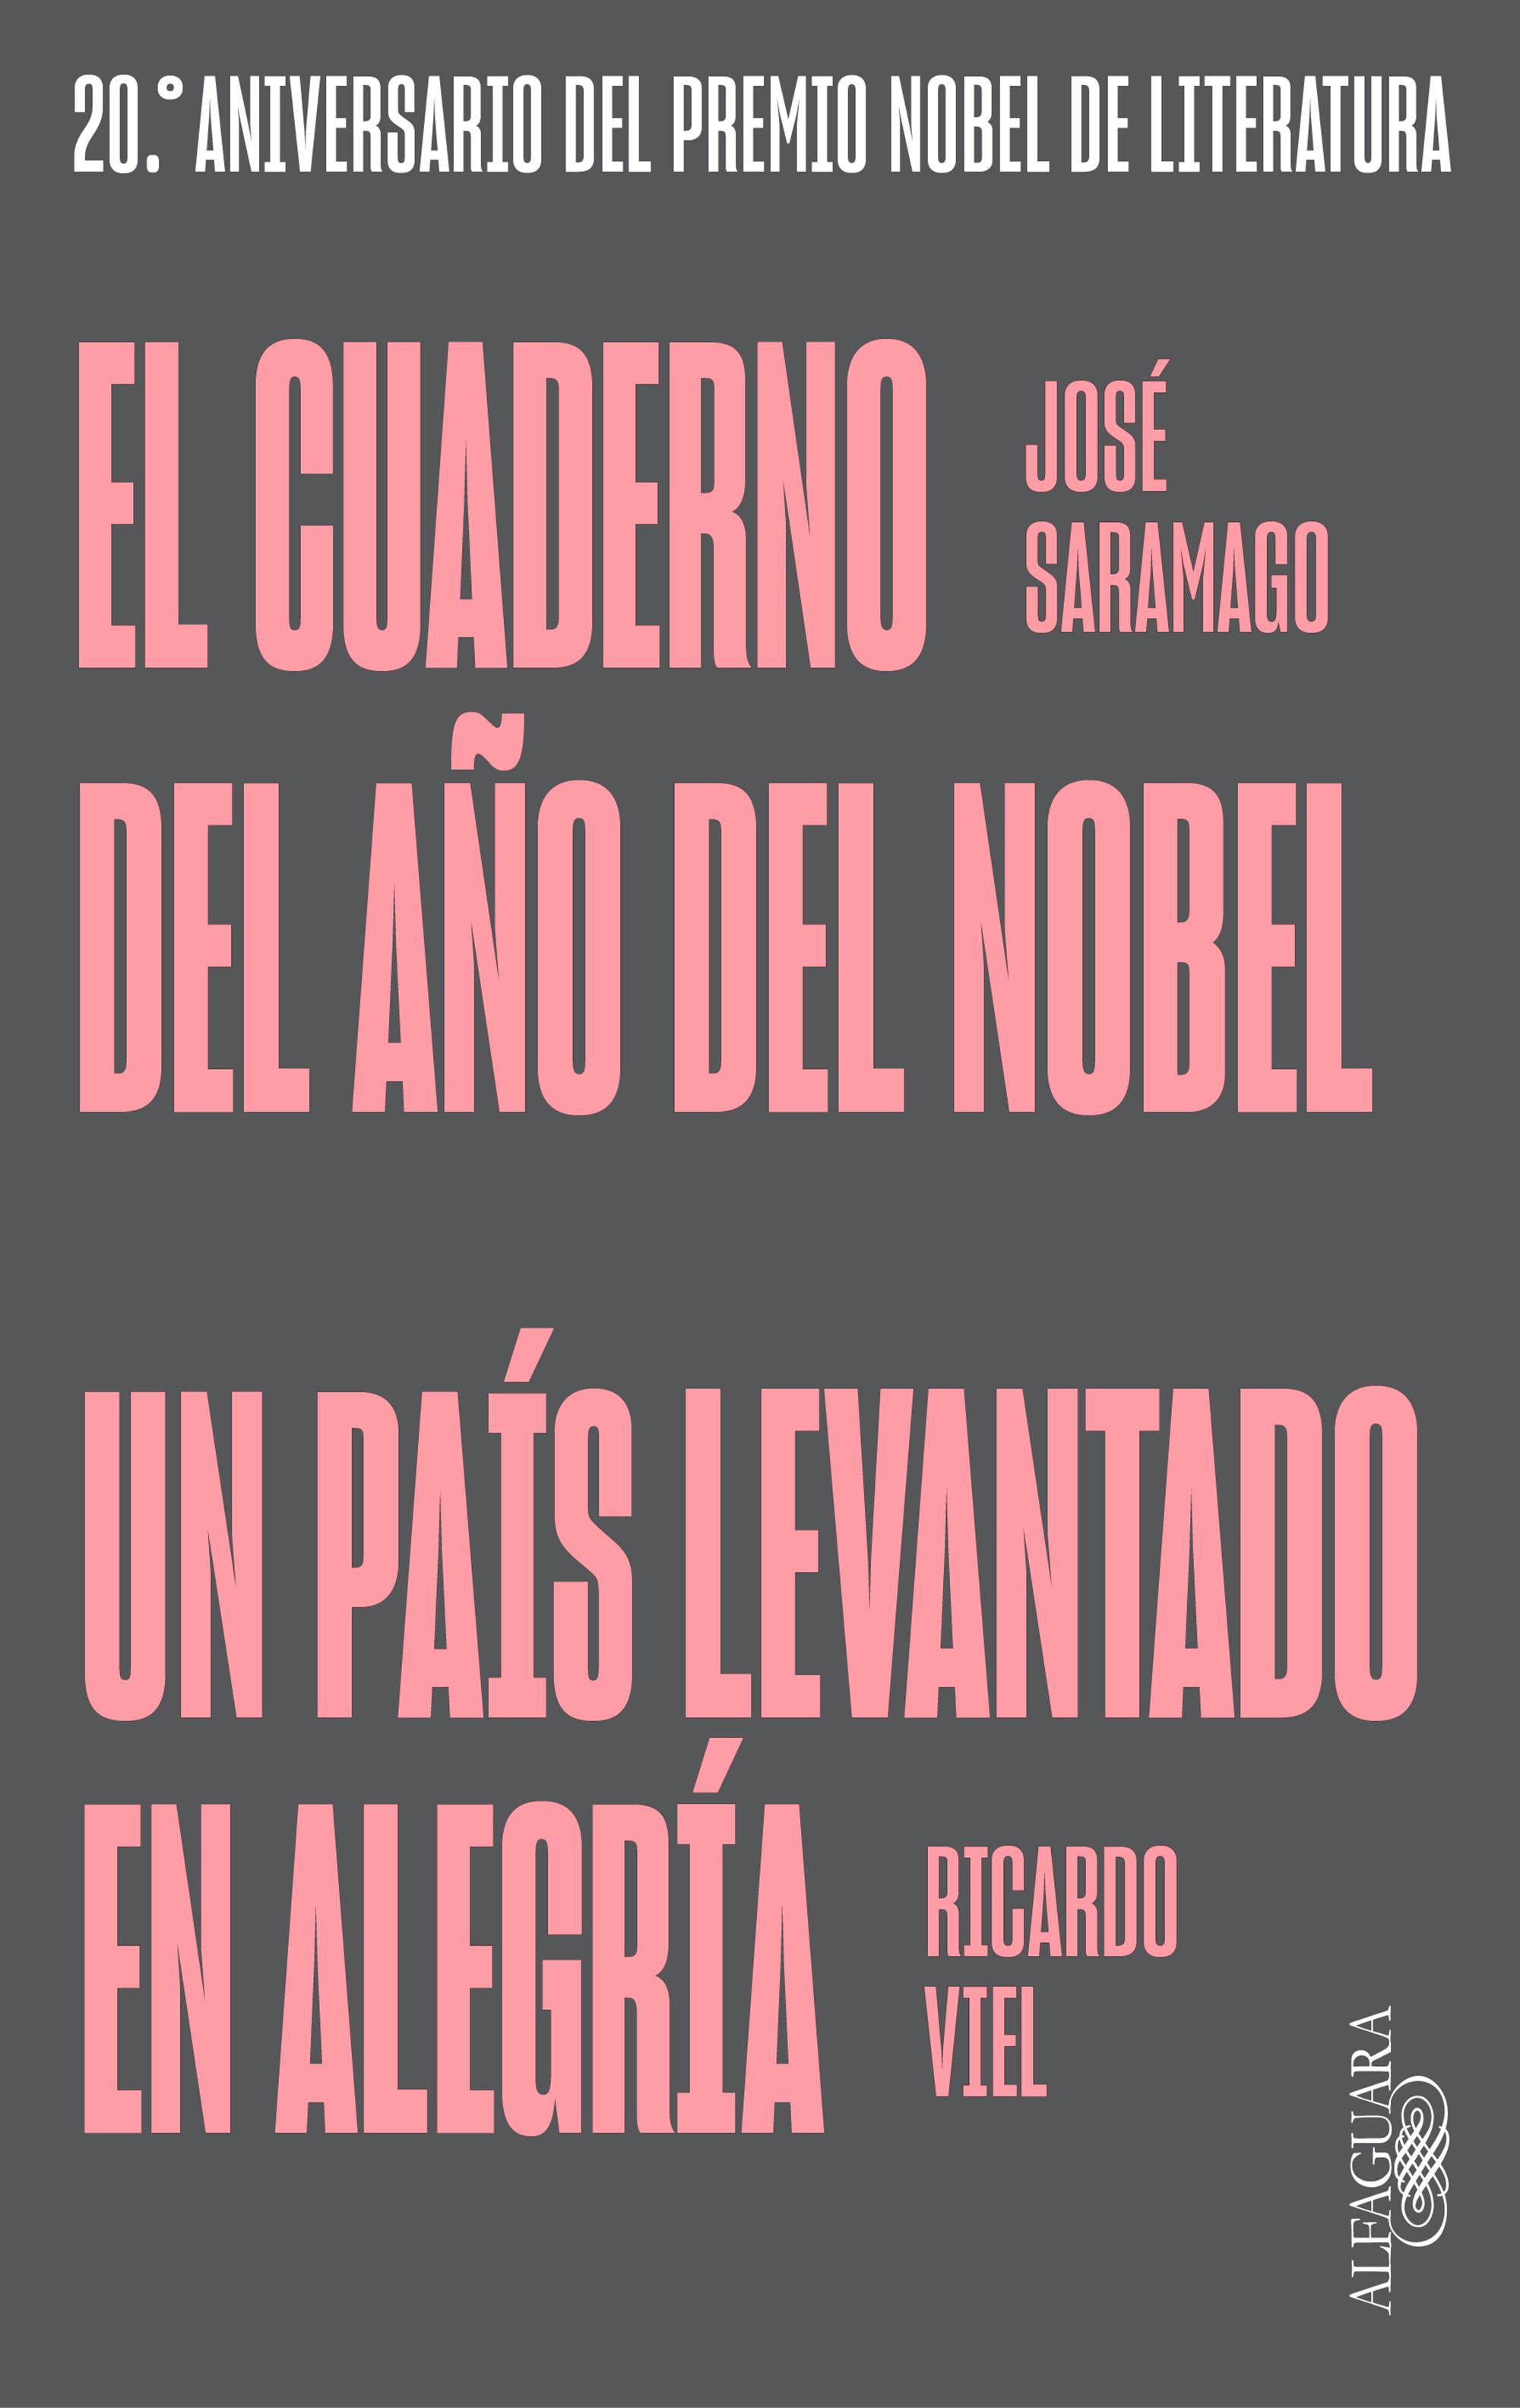 El cuaderno del año del Nobel   Un país levantado en alegría